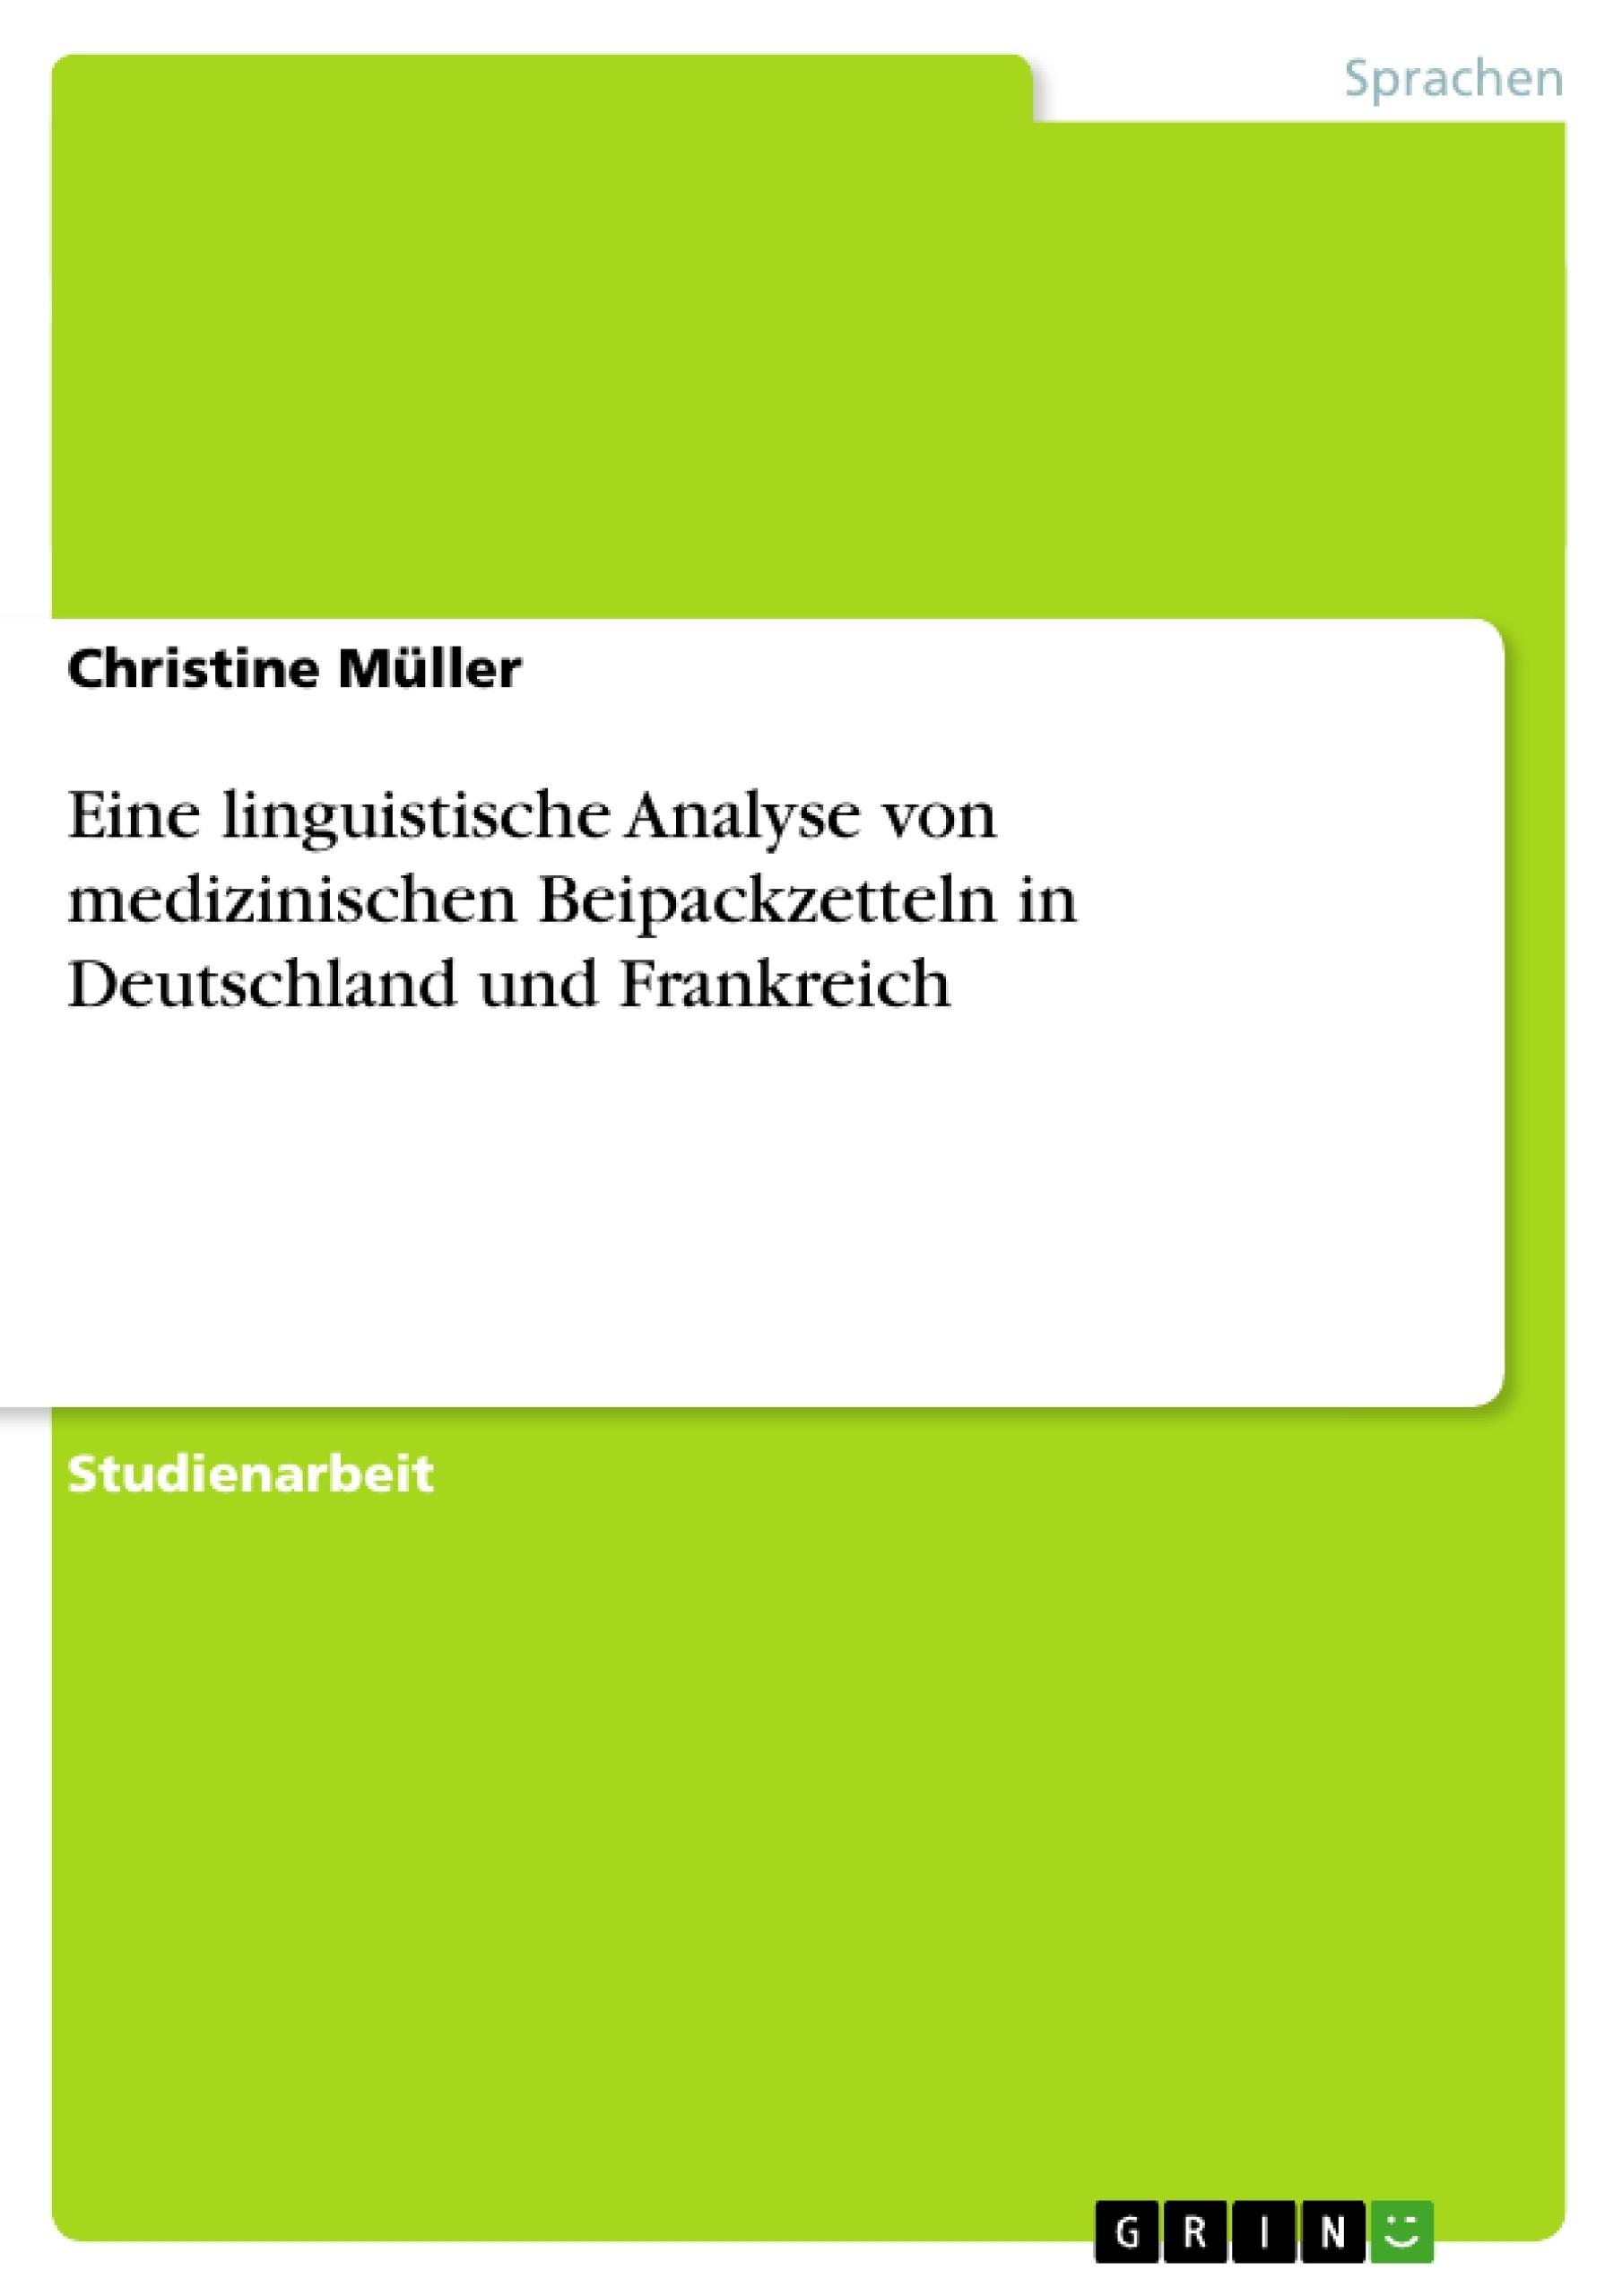 Titel: Eine linguistische Analyse von medizinischen Beipackzetteln in Deutschland und Frankreich